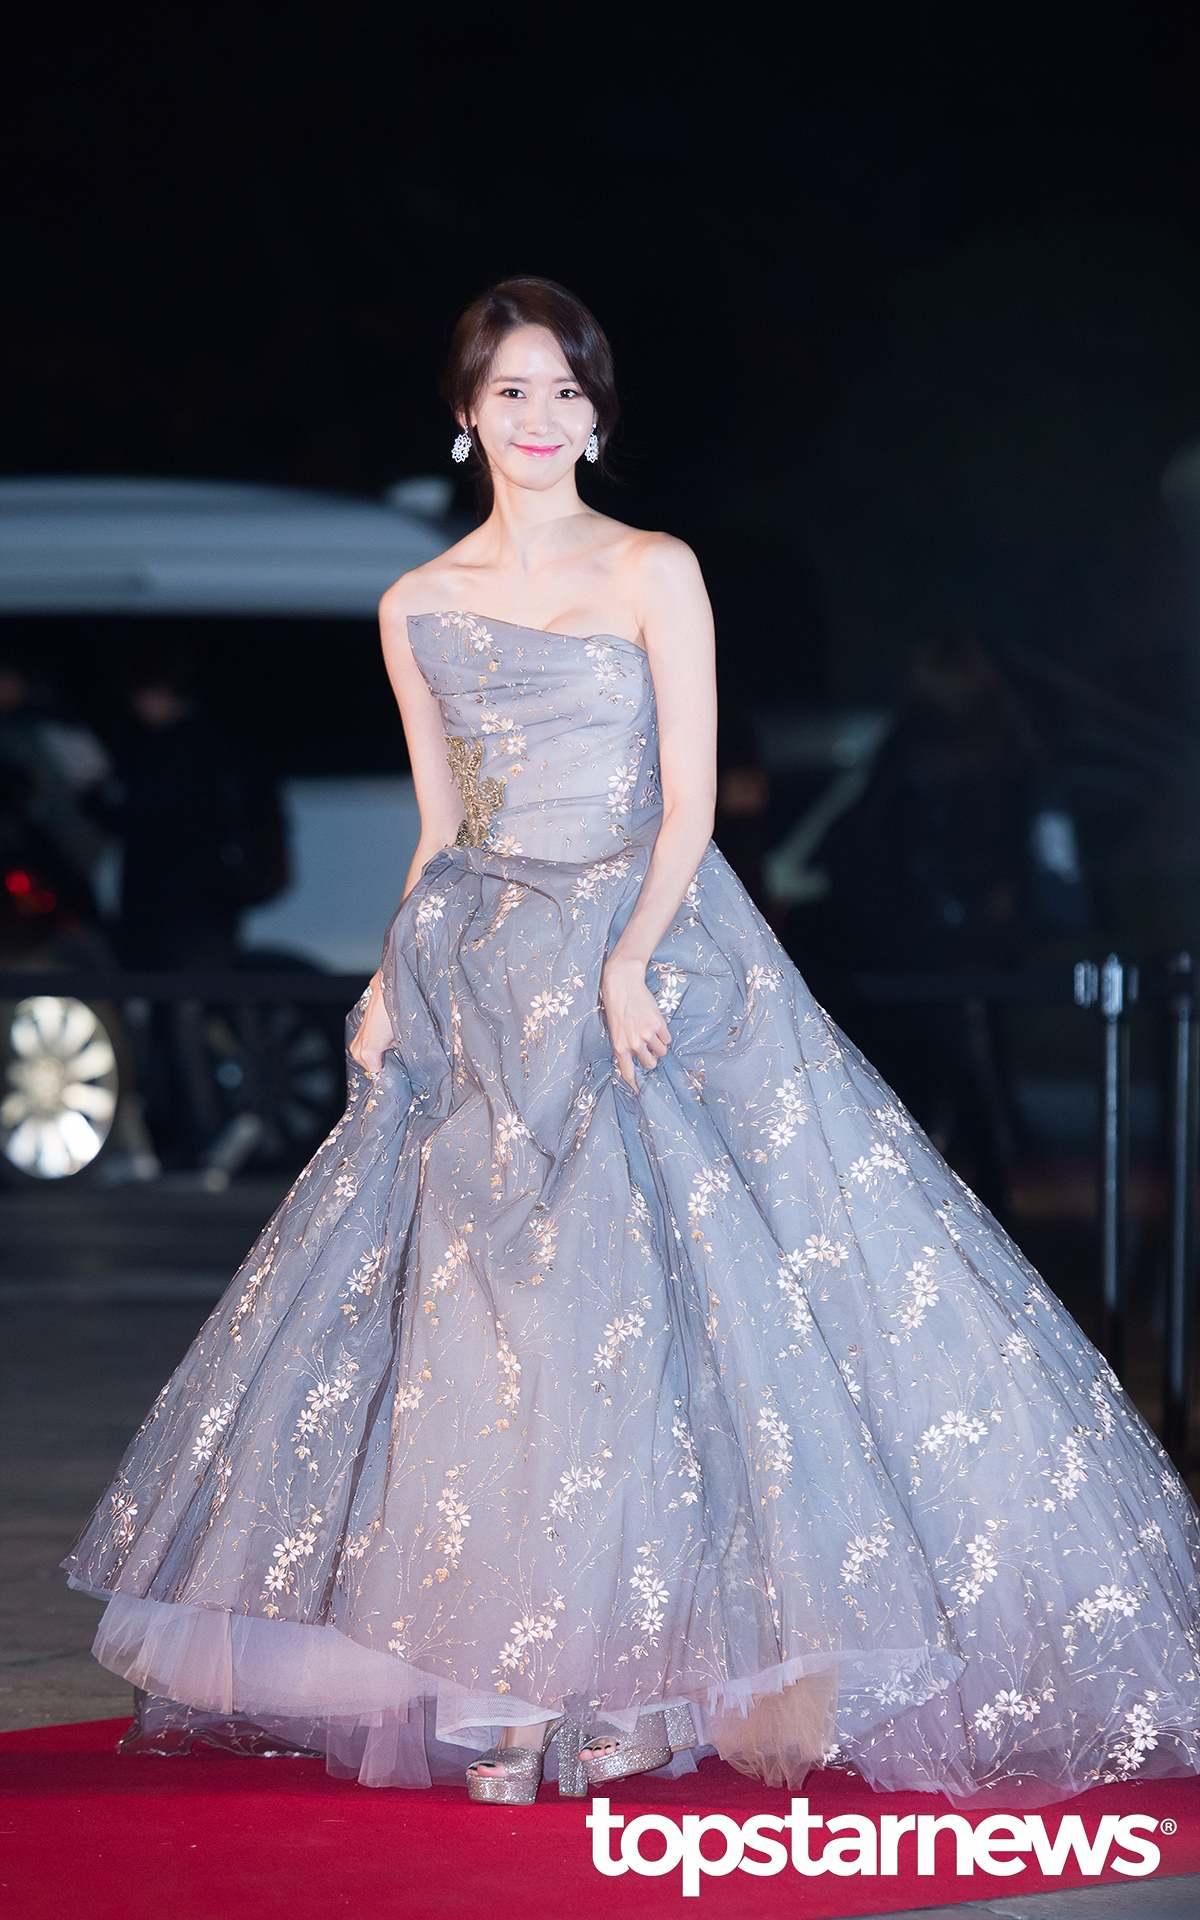 2位就是在17日的AAA大賞上,狂掃獎項的「 紅毯第一美」潤娥! 作為「國民女團 」成員的偶像實力就不用說了! 潤娥最近的演技也越來越得到觀眾的認證。